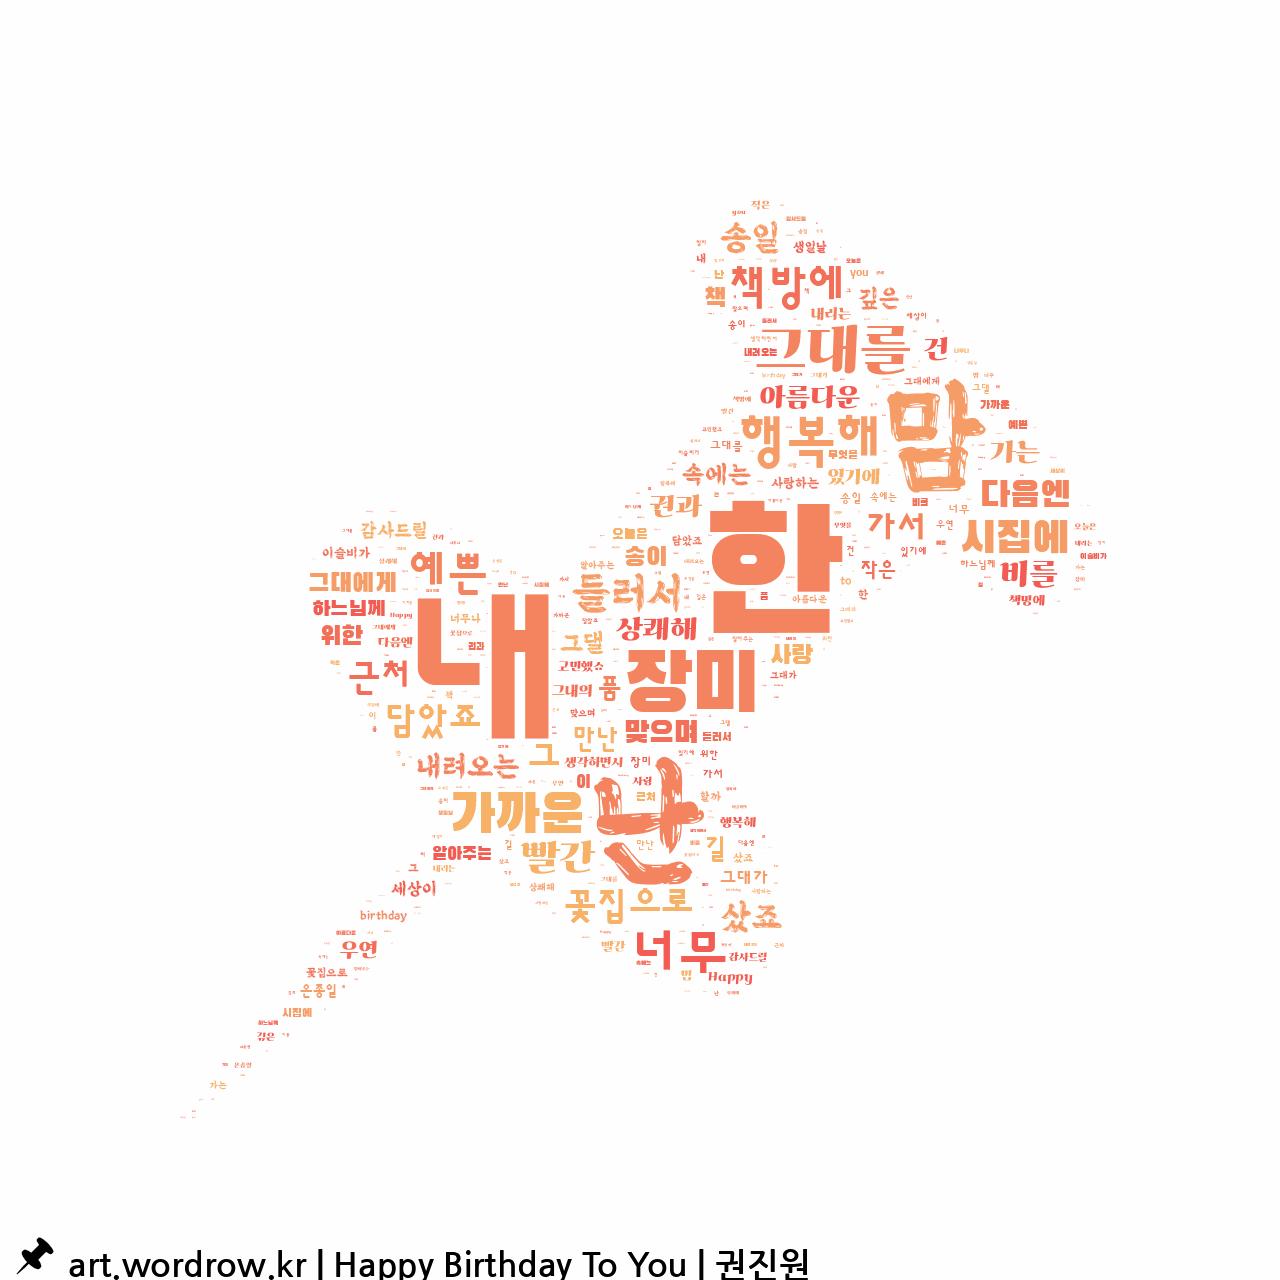 워드 클라우드: Happy Birthday To You [권진원]-14